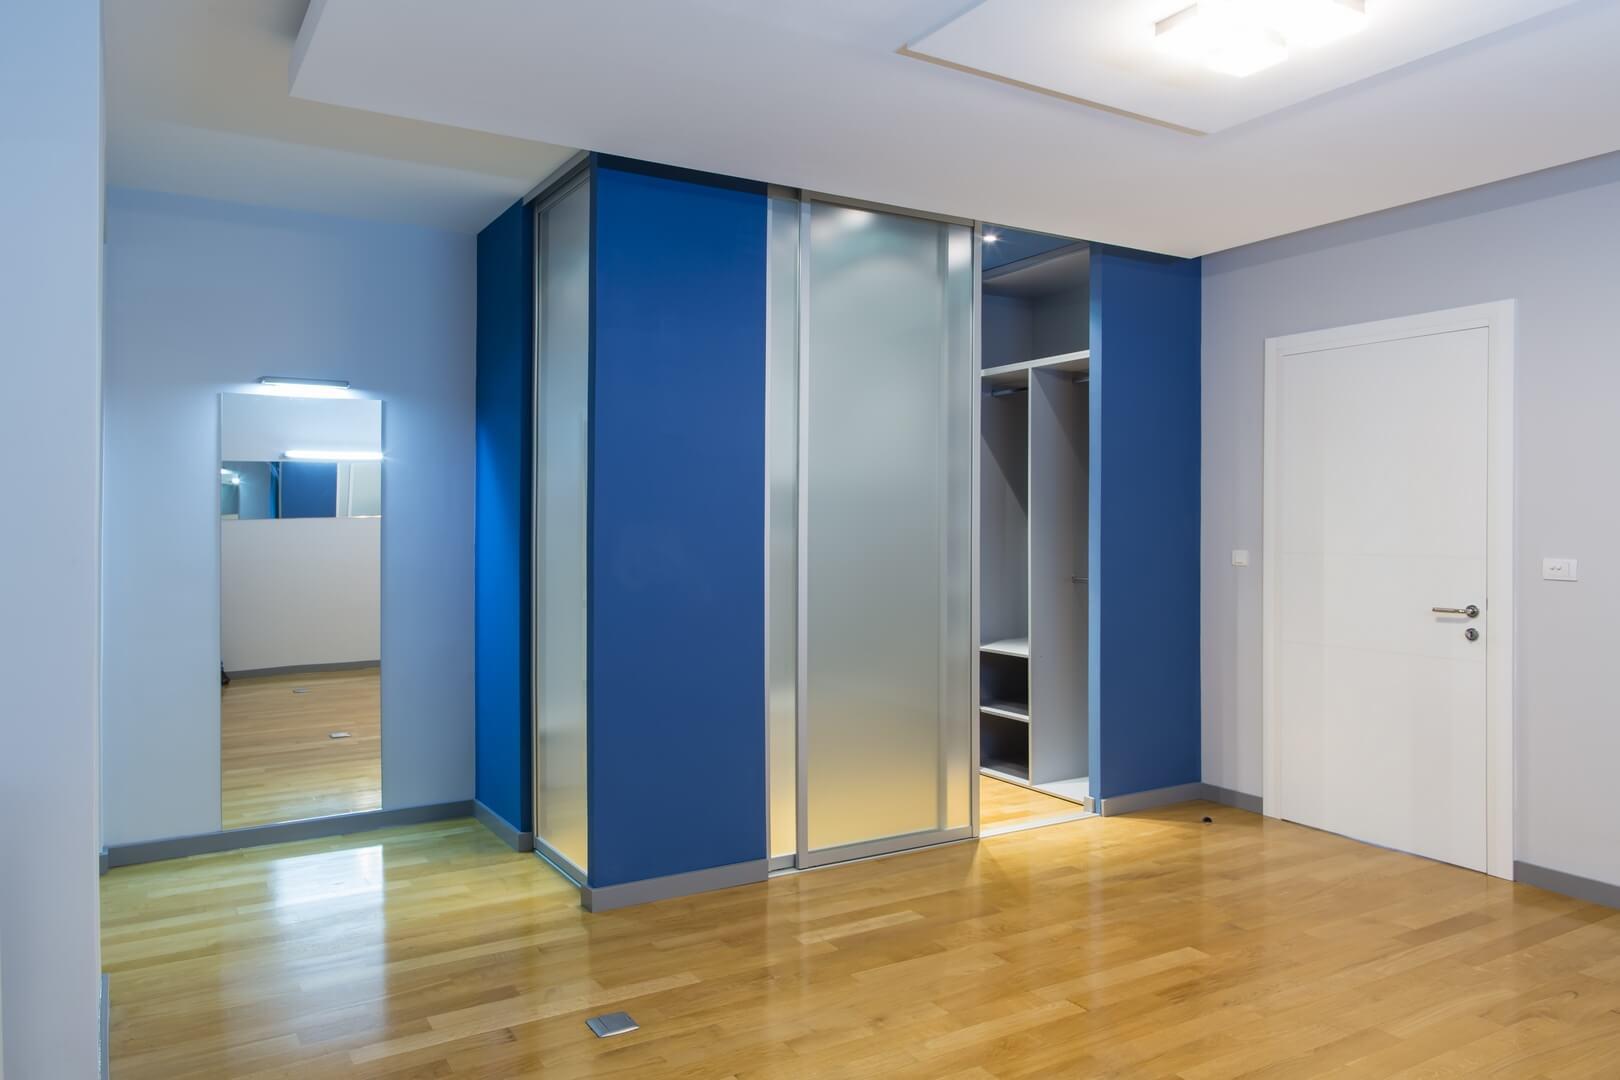 Przezroczyste drzwi przesuwne do garderoby na przedpokoju